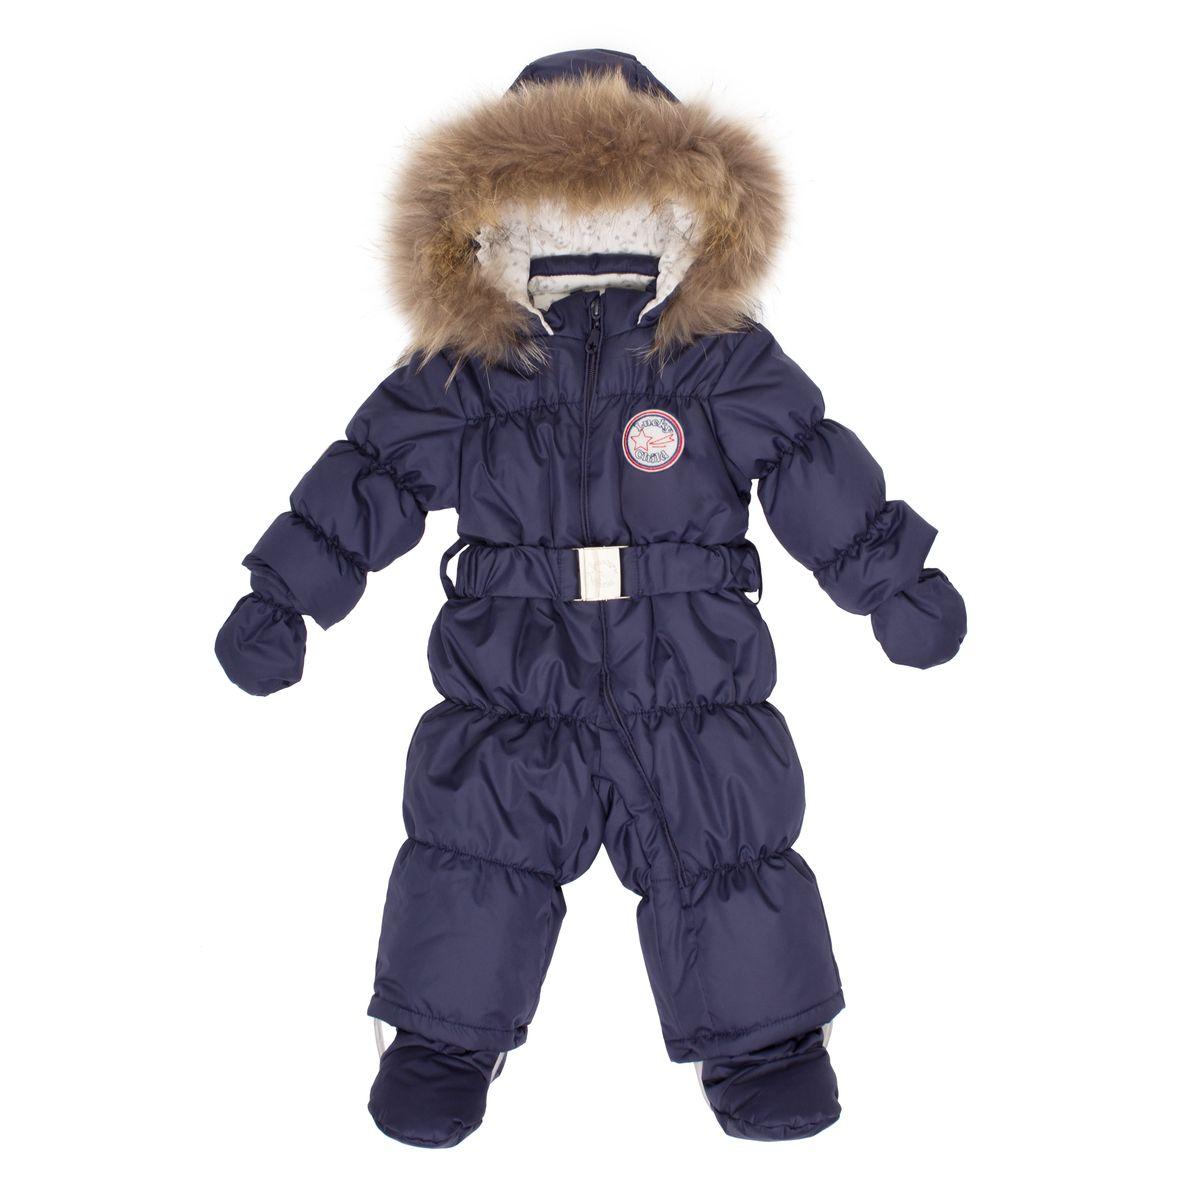 Комбинезон утепленныйВ1-3Этой зимой вашему малышу предстоит впервые увидеть снег? Подберите для этого важного знакомства удобный и тёплый комбинезон Lucky Child! Он выполнен из курточной ткани с влагостойкой пропиткой, а значит, не промокнет, даже если Ваша кроха, знакомясь со снегом, решит нырнуть в сугроб. Наполнитель – лёгкий и тёплый Isosoft, который позволит ребёнку не мёрзнуть при температуре до -30° и при этом вести активную деятельность во время прогулки. Трикотажная подкладка (кулирка) обладает воздухопроницаемыми и водоотводными свойствами, что очень важно, если малыш вспотеет. Капюшон оторочен натуральным мехом енота. Ножки и ручки малыша утеплят отстёгивающиеся варежки и сапожки.